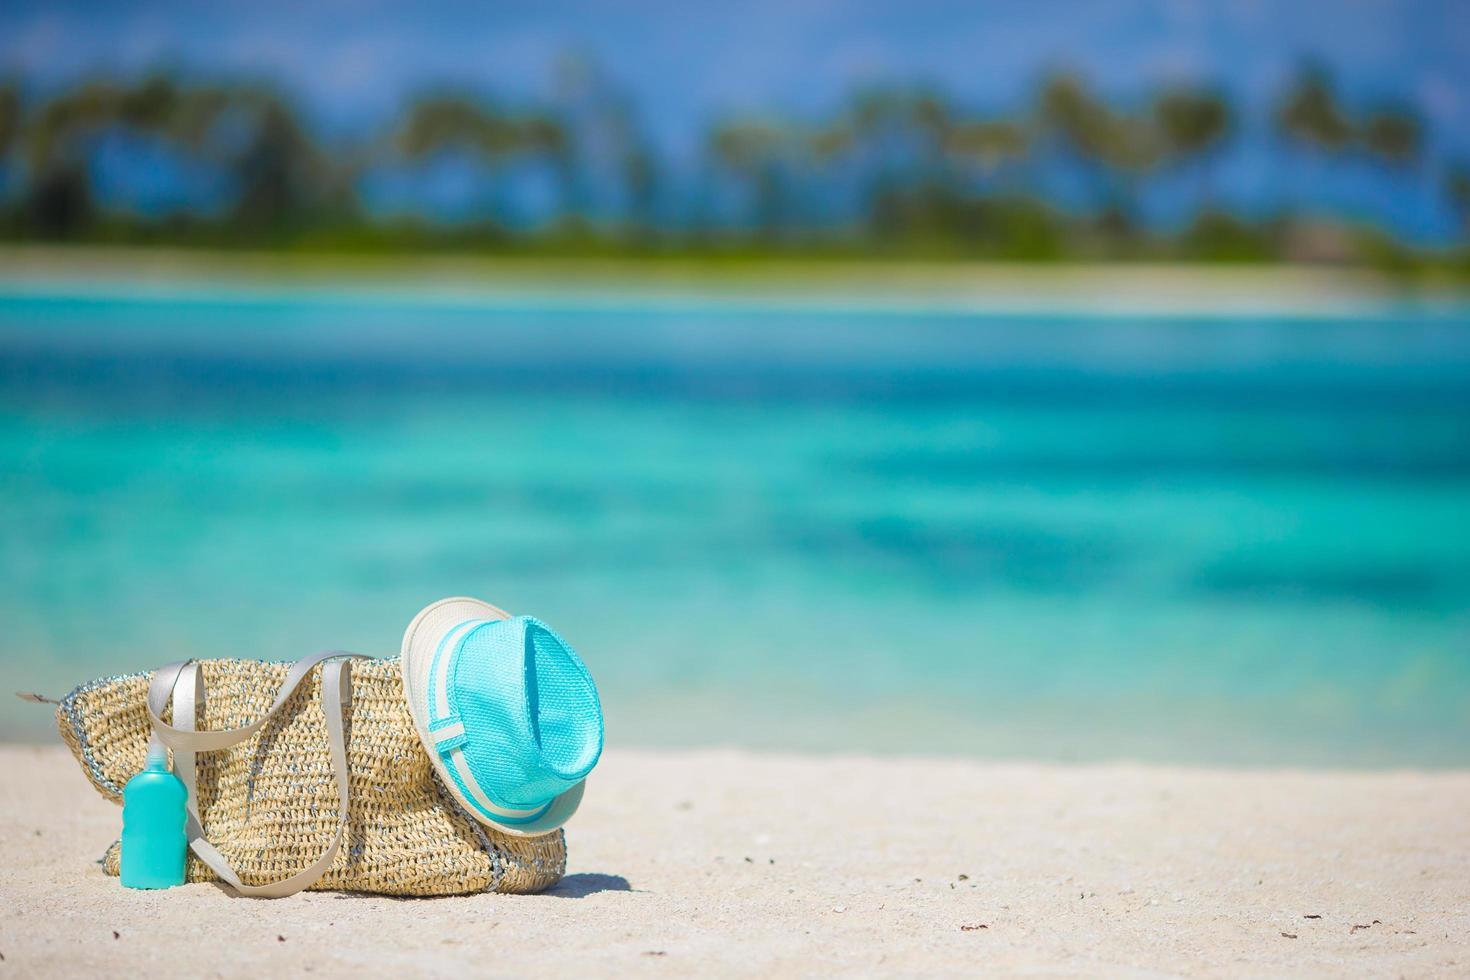 Bolsa de mimbre con sombrero y protector solar en la playa foto